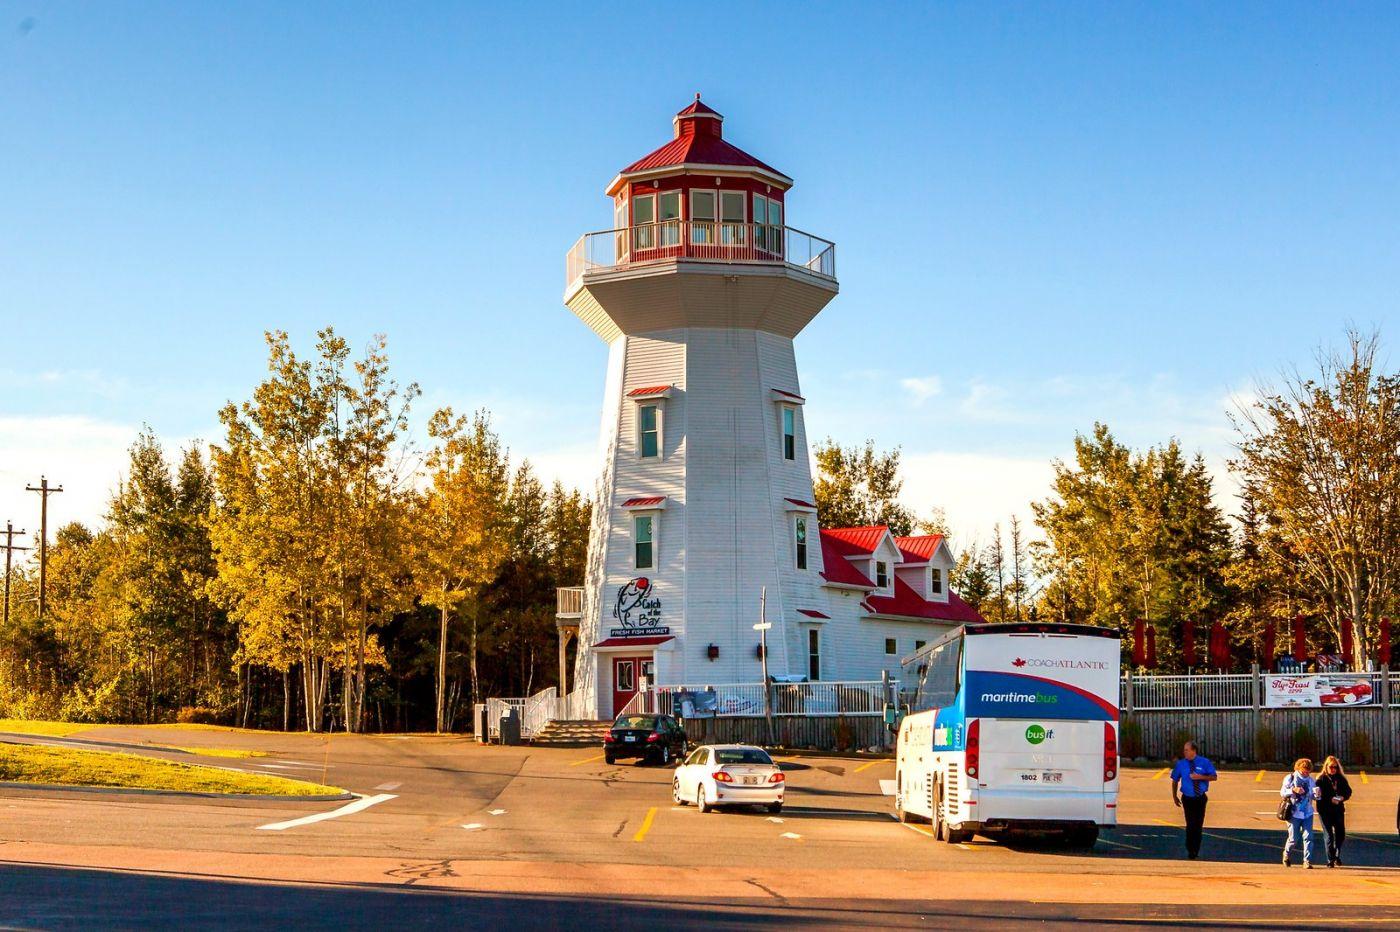 加拿大旅途,乡村的幸福生活_图1-14